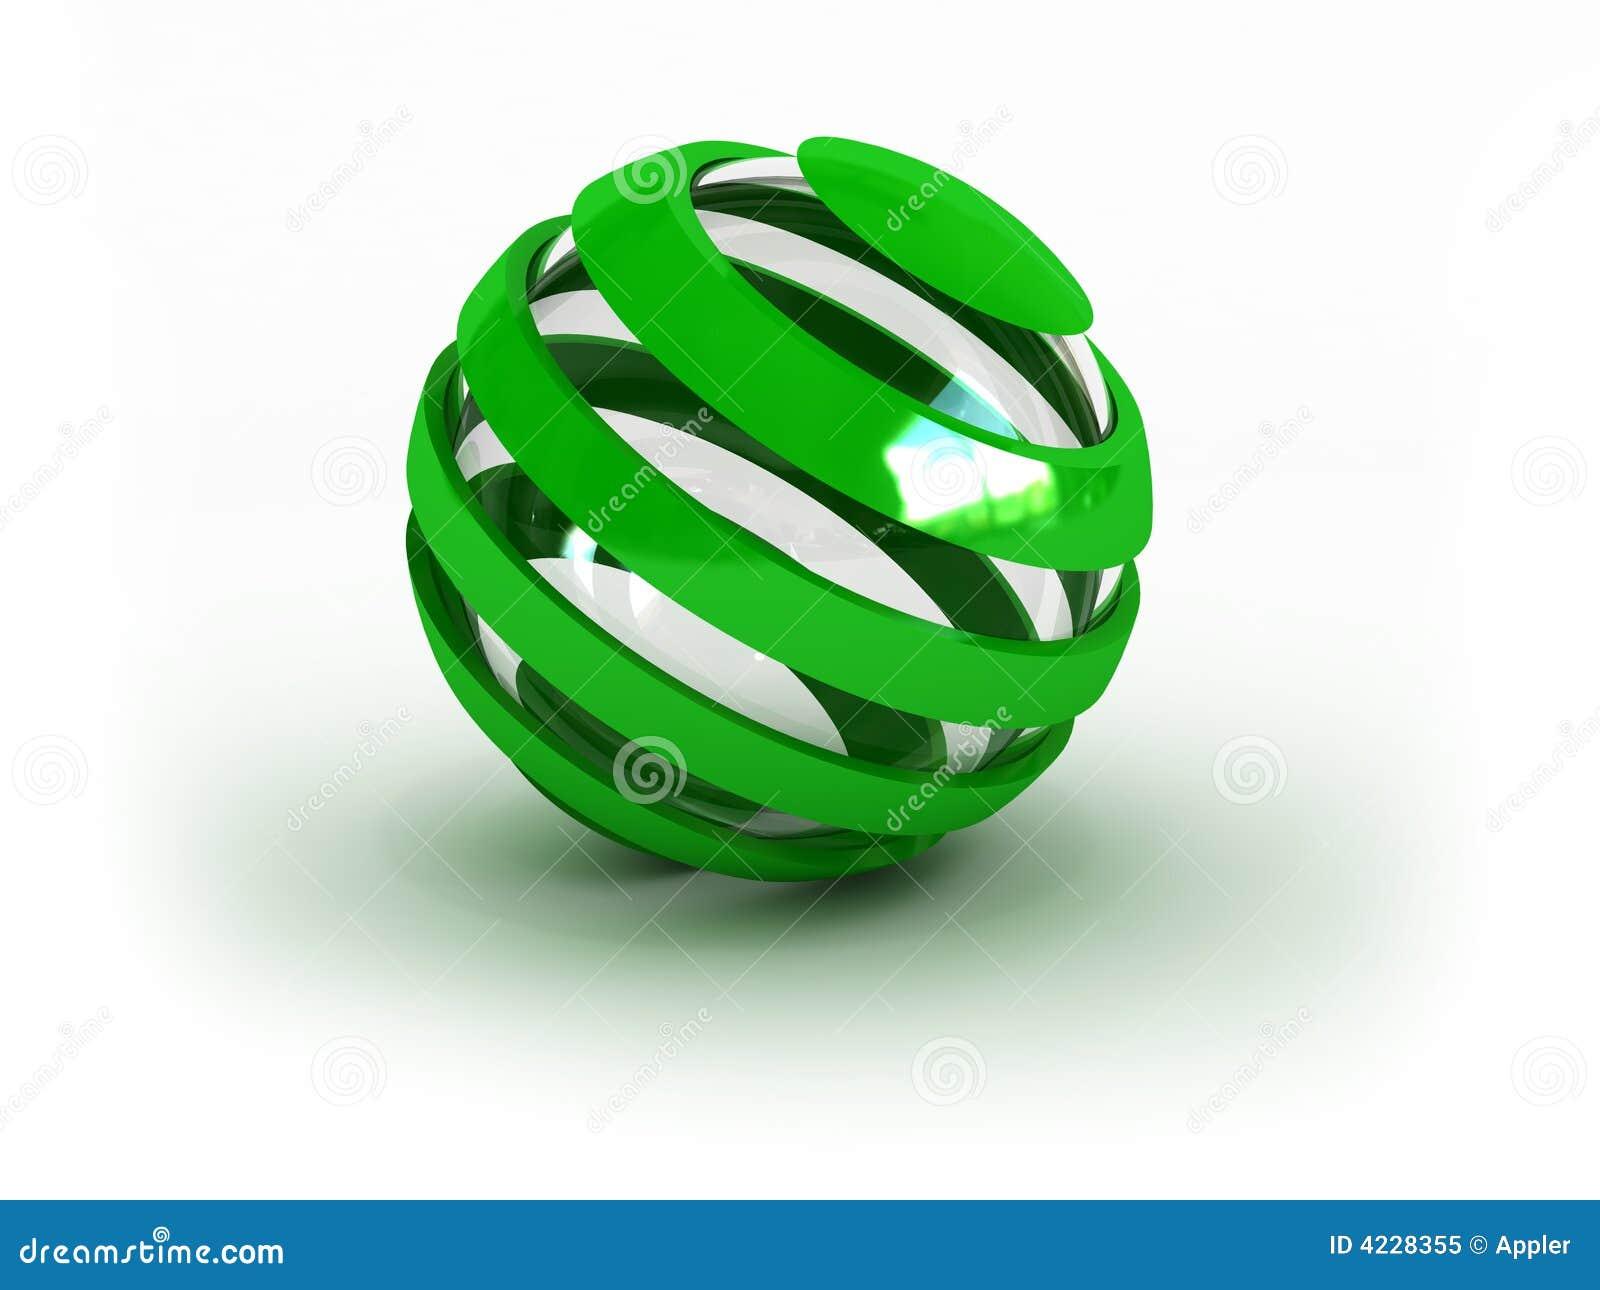 gestreifte grüne glaskugel lizenzfreies stockfoto - bild: 4228355, Wohnzimmer dekoo